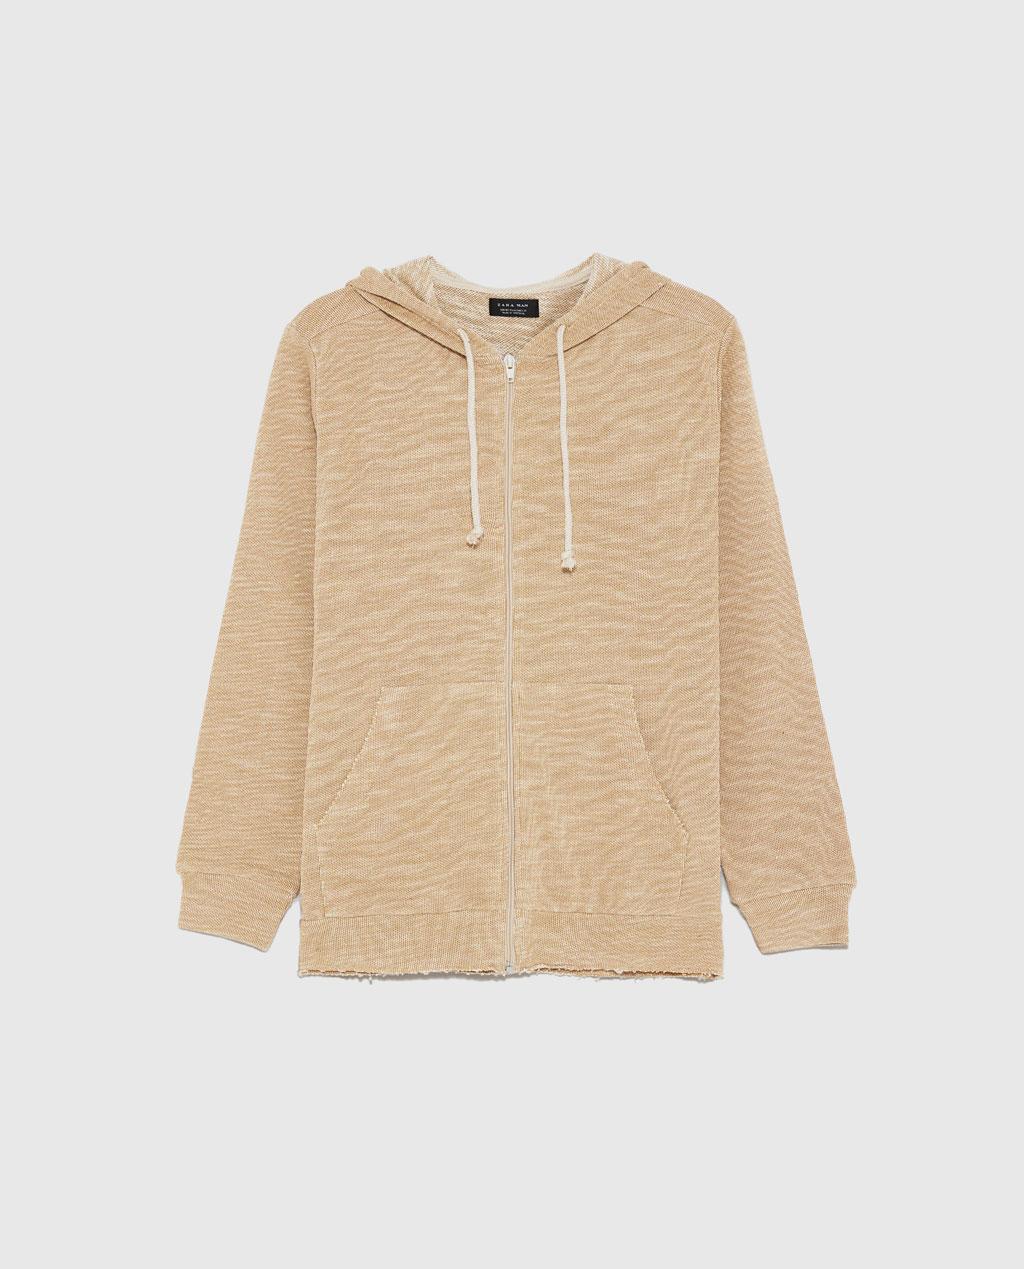 Thời trang nam Zara  23947 - ảnh 10